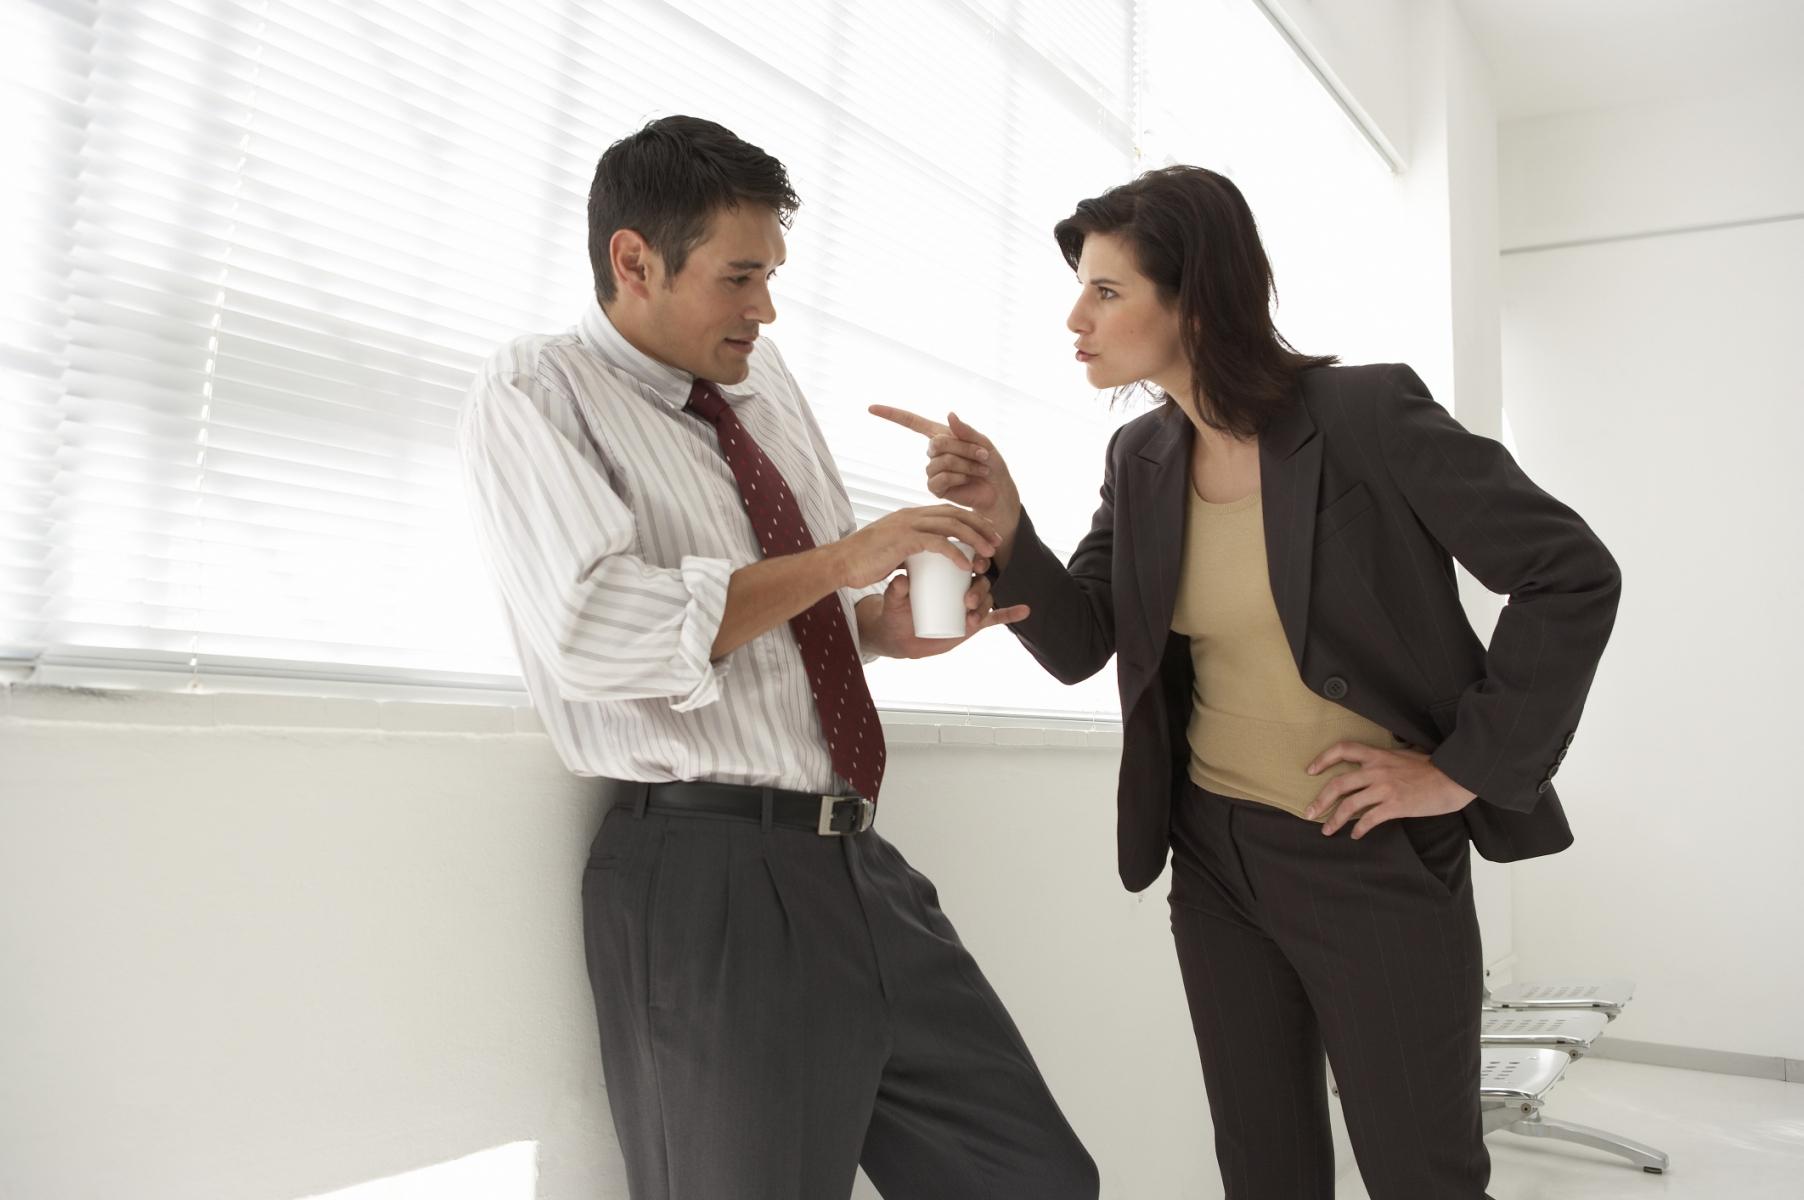 Заговор на начальника: чтобы хорошо относился и не придерался